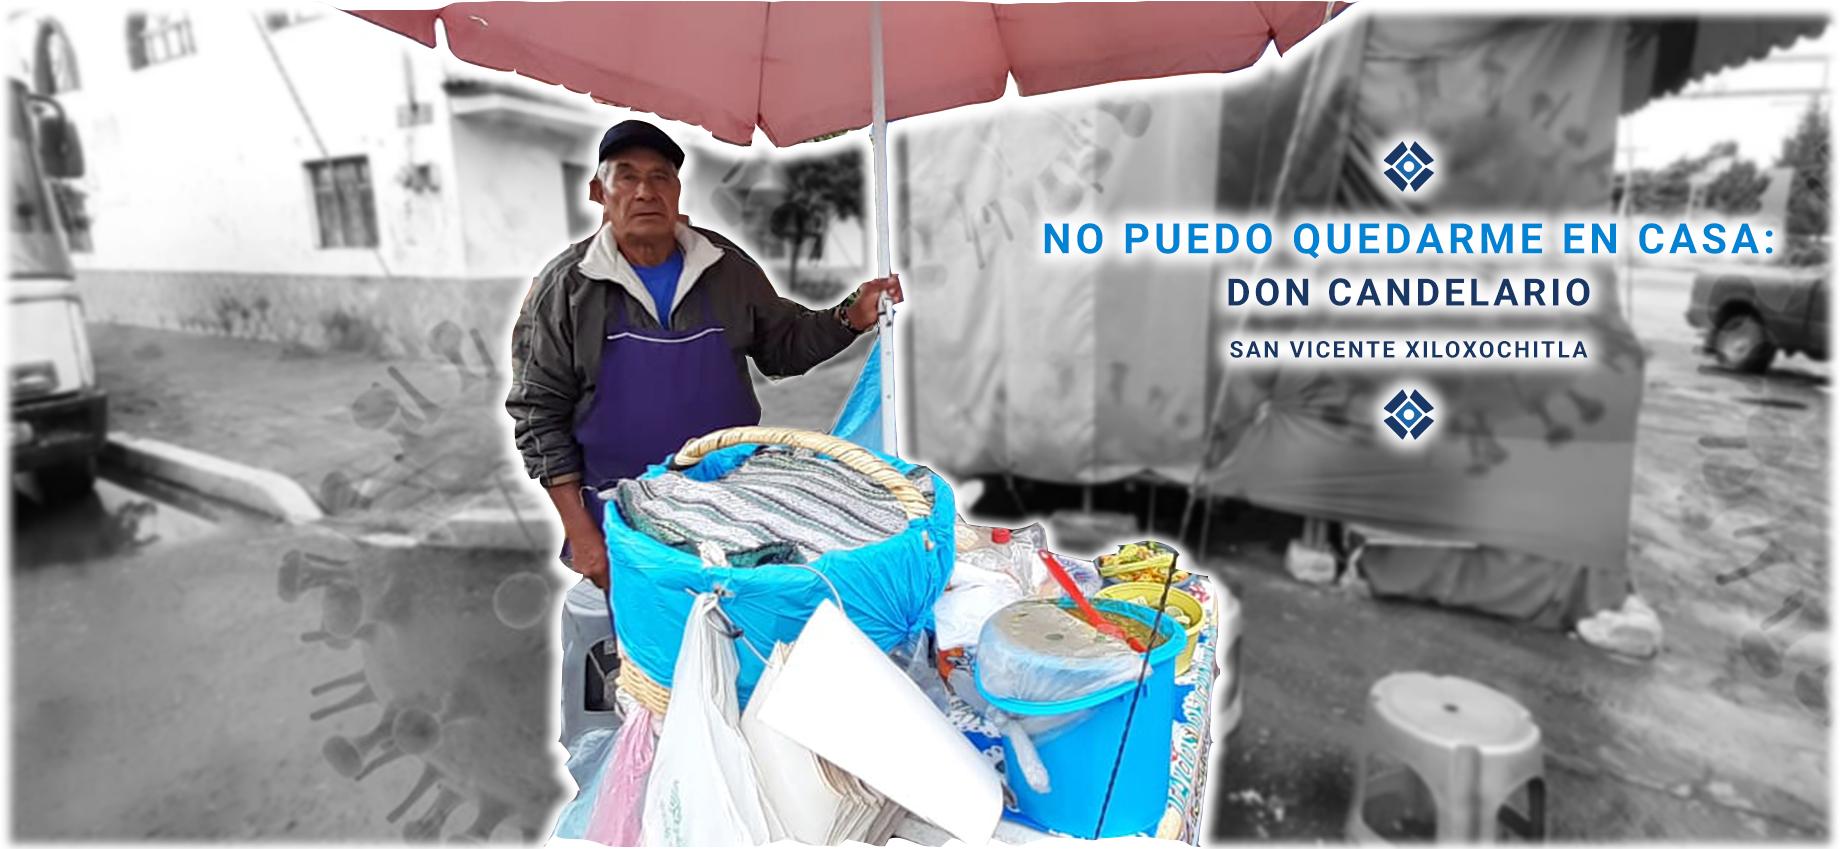 Don Candelario